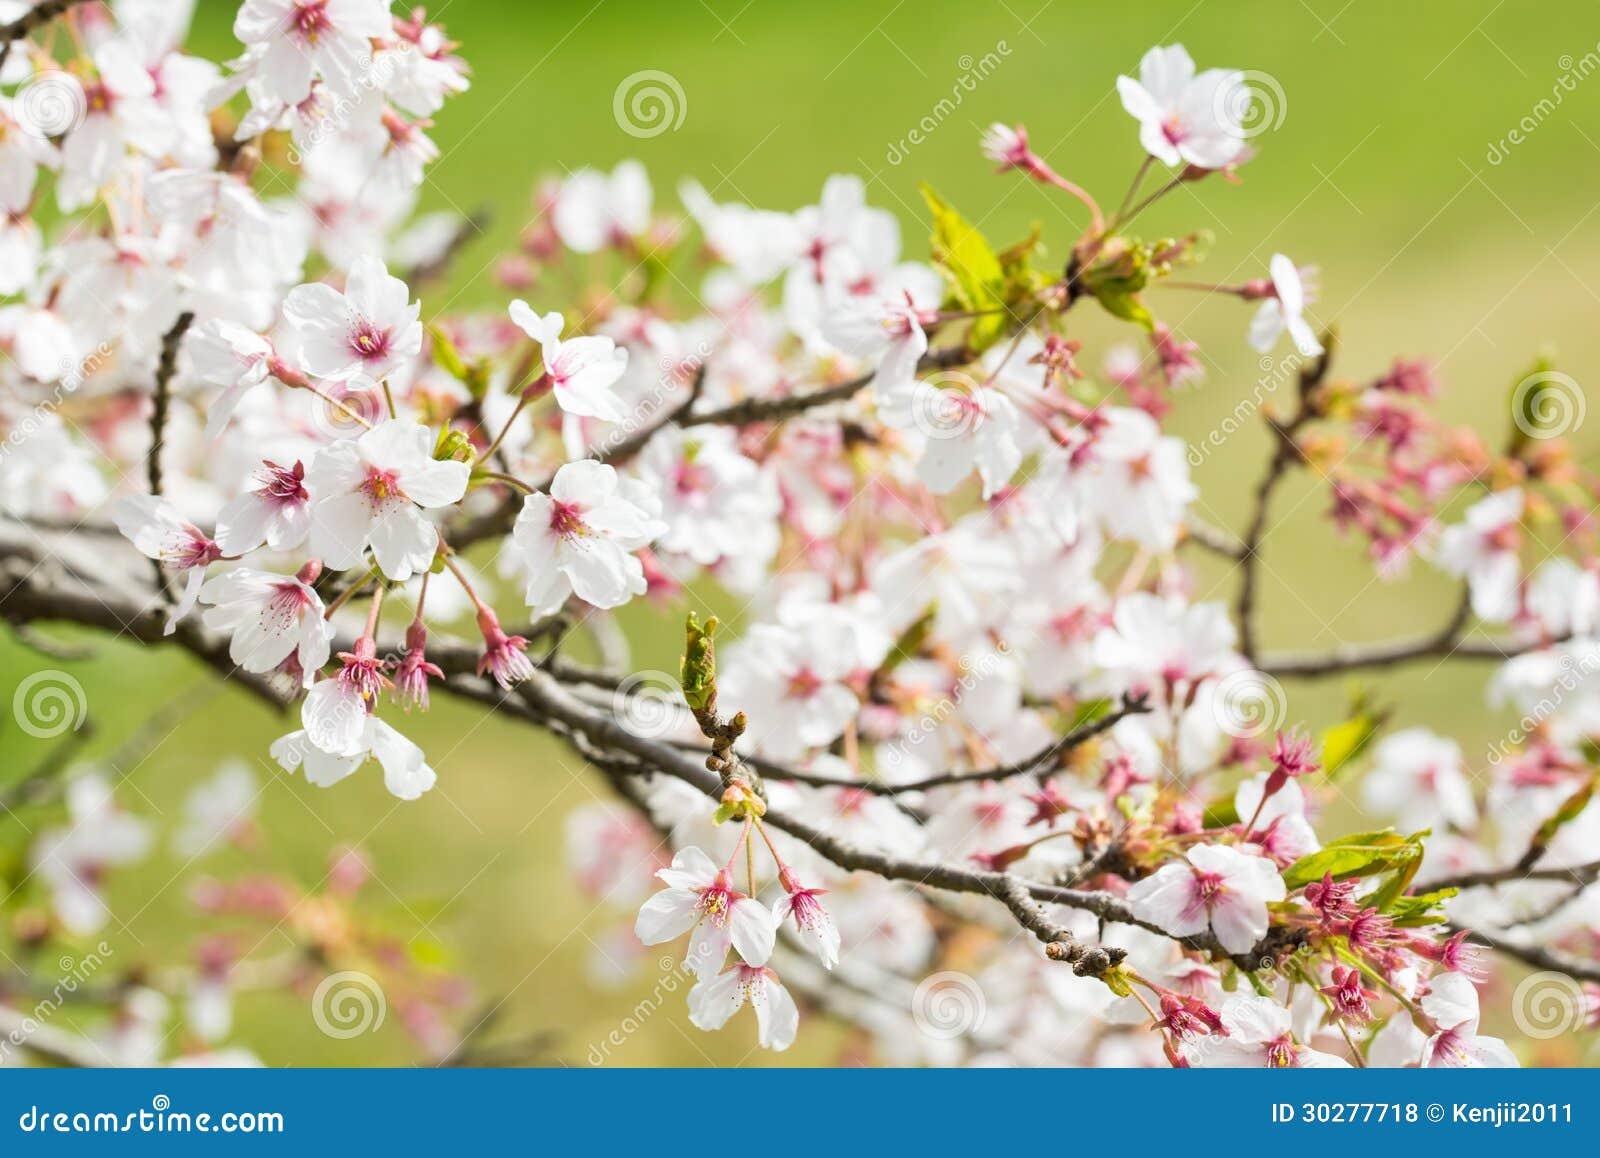 樱花在背景中是草原